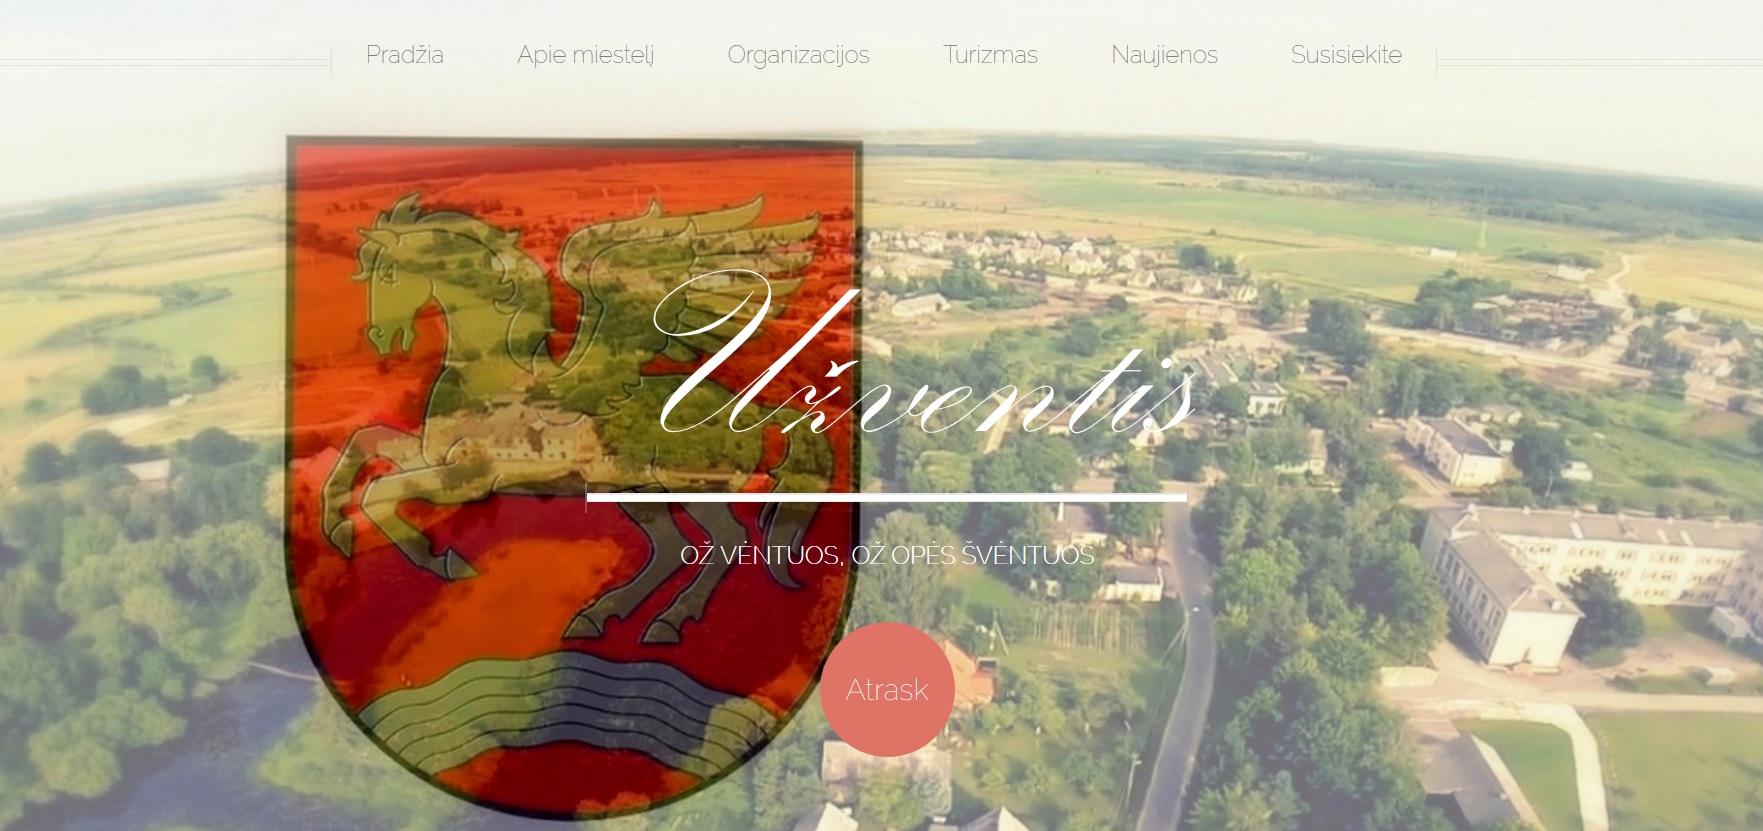 BALSAVIMAS: Išrinkite gražiausią lietuvišką interneto vardą – www.užventis.lt